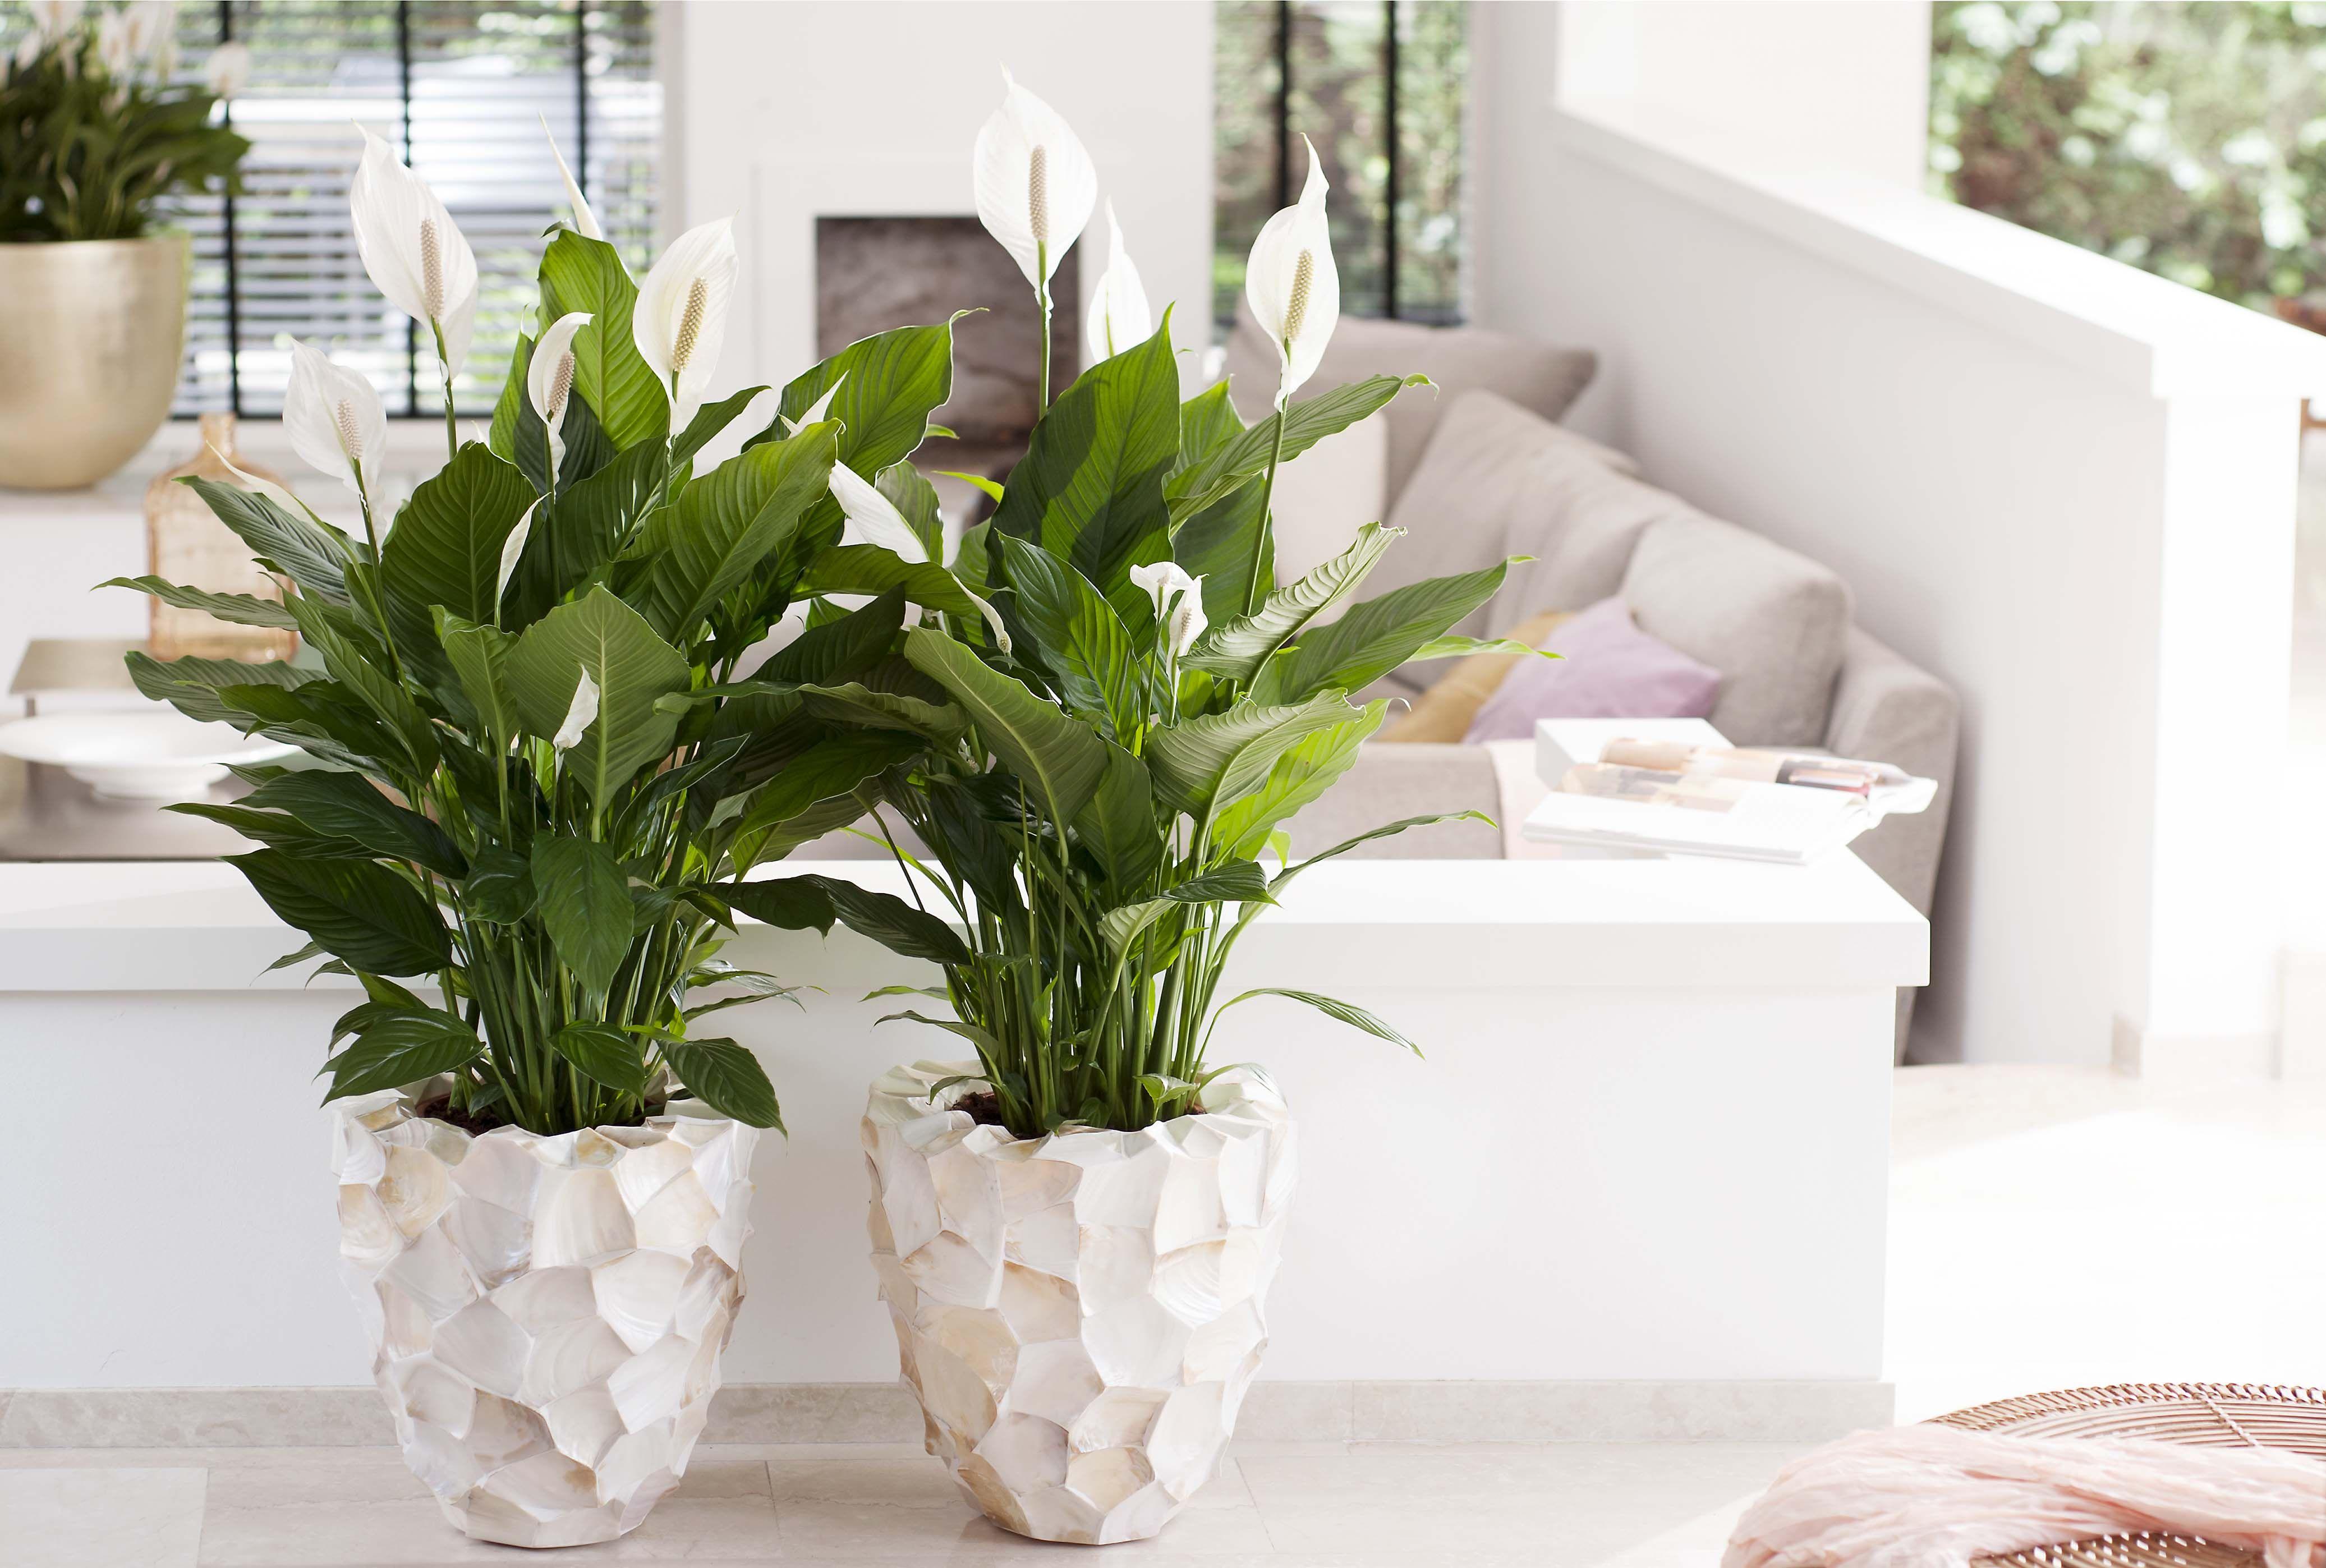 Einblatt Ist Zimmerpflanze Des Monats Juni Einblatt Zimmerpflanzen Pflanzen Fur Dunkle Raume